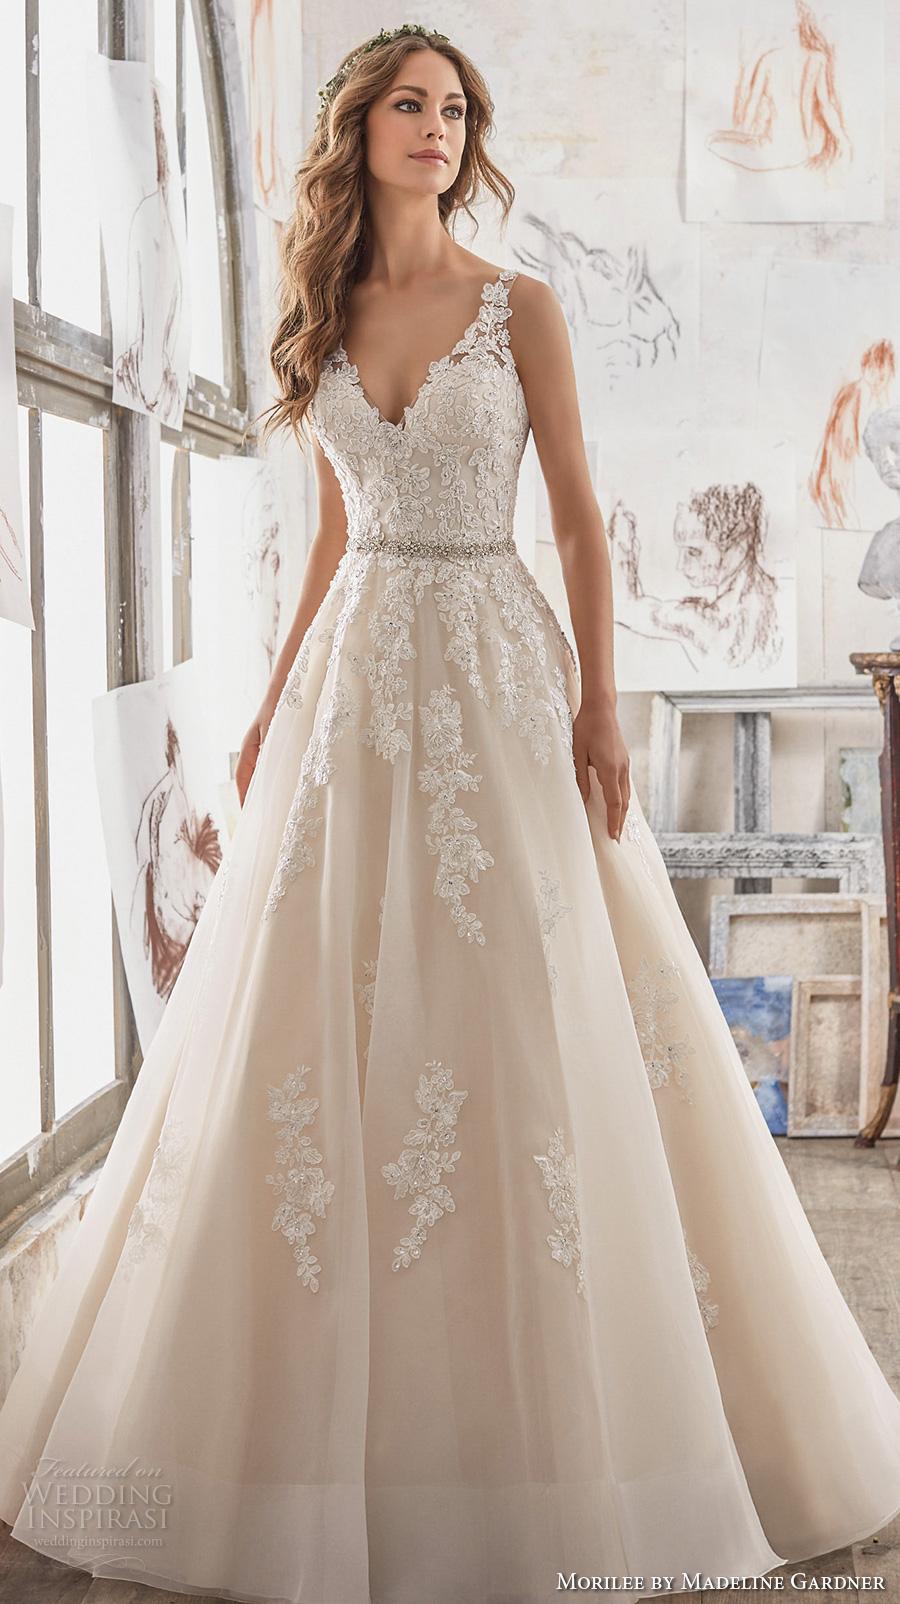 Morilee Wedding Dresses.Morilee By Madeline Gardner Spring 2017 Wedding Dresses